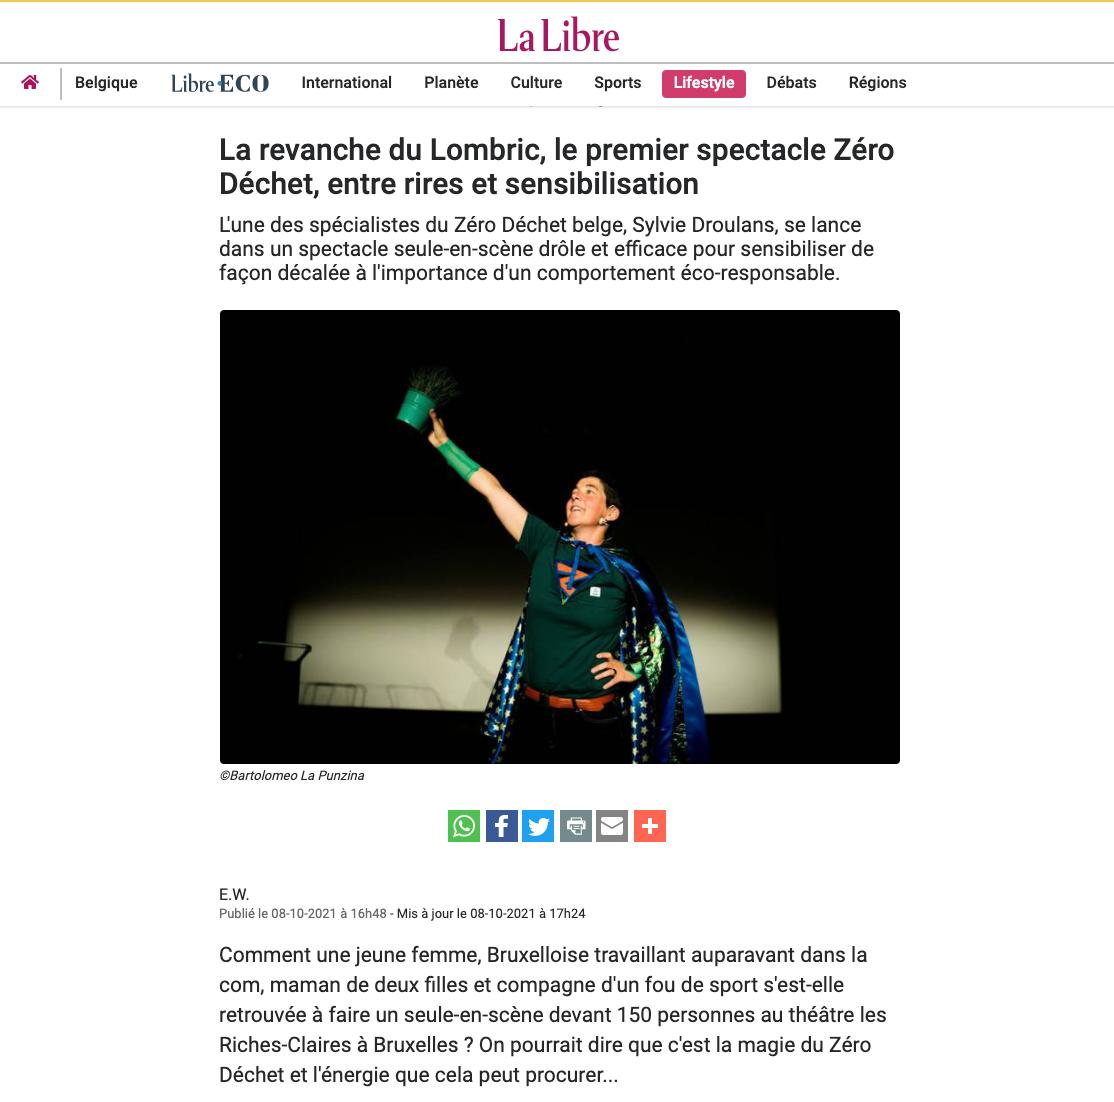 LaLibre_RDL